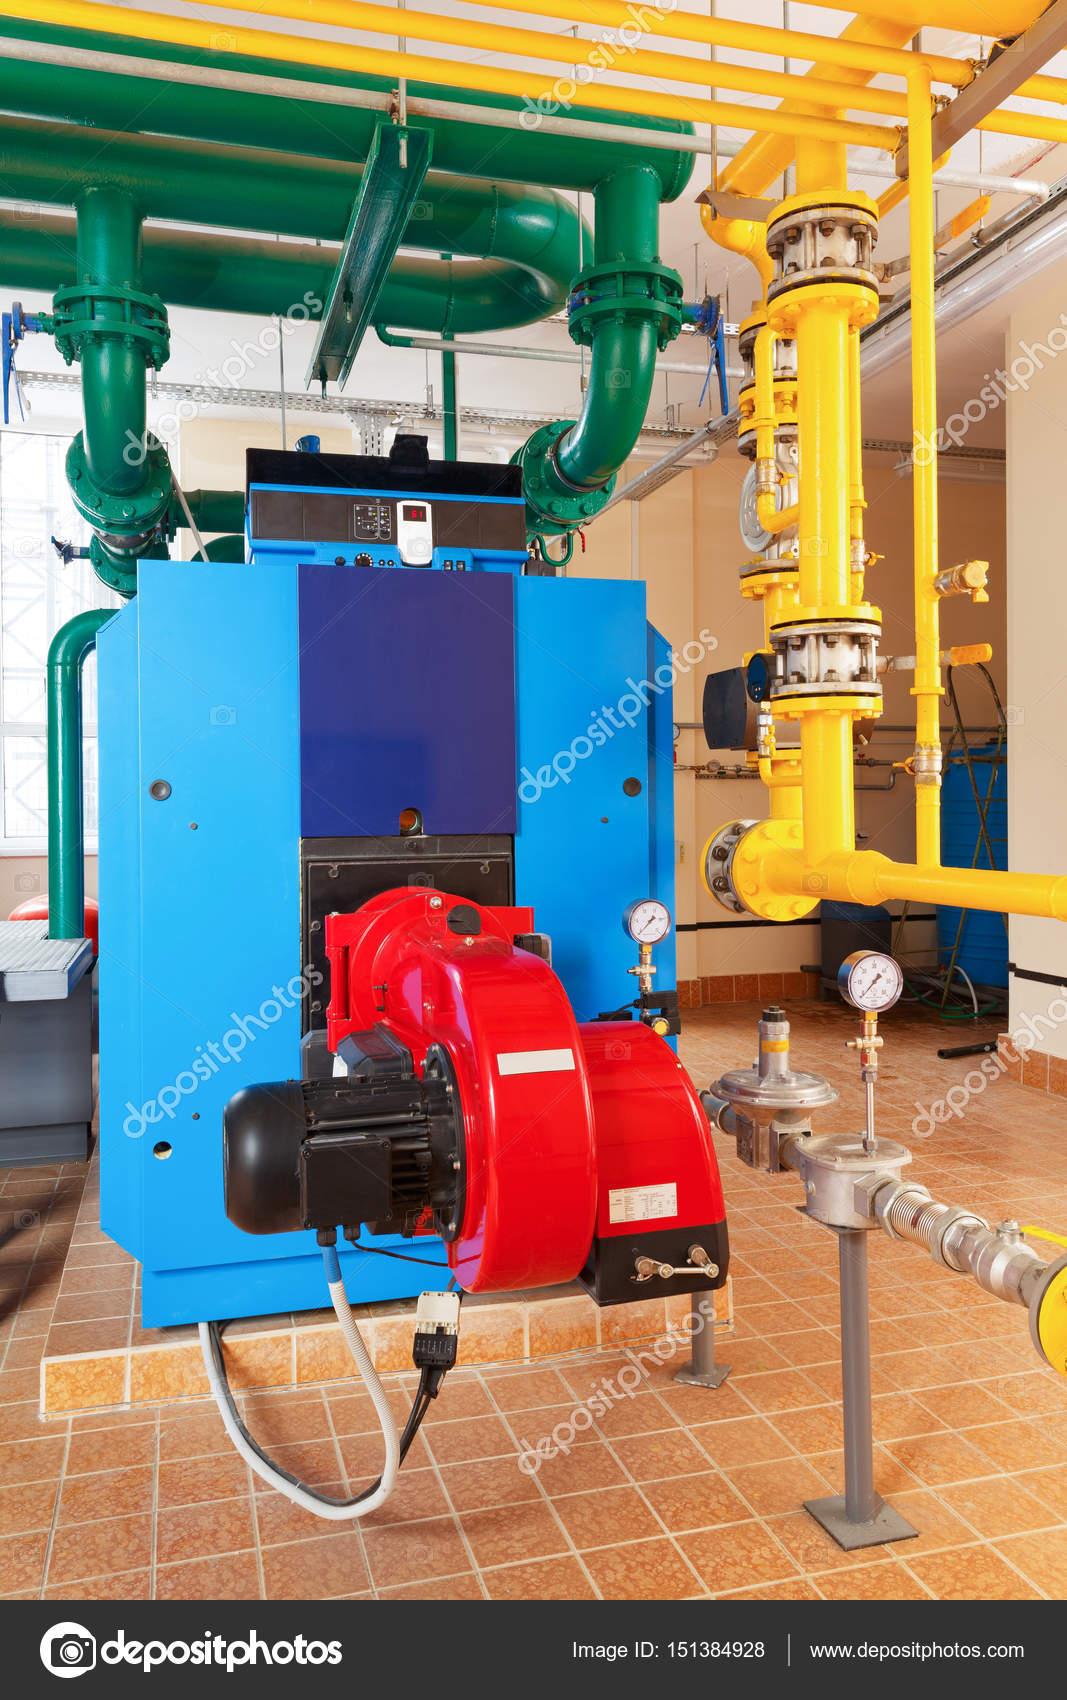 Gas-Heizkessel mit Brenner, Steuerung, Rohre und Pumpe — Stockfoto ...